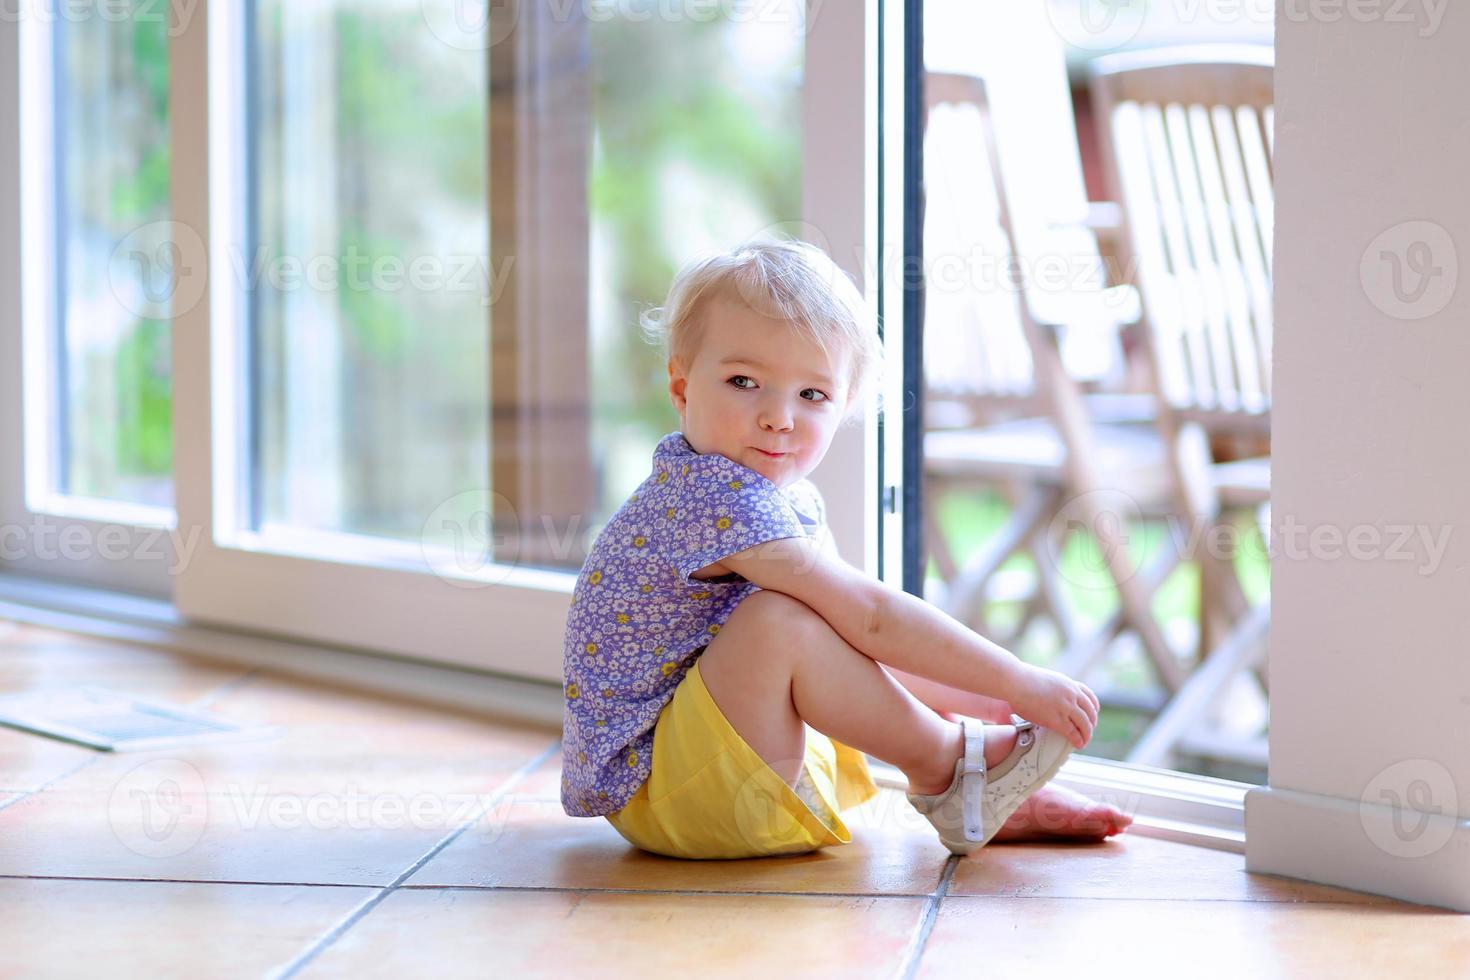 ragazza del bambino che mette le scarpe che si siedono sul pavimento accanto alla finestra foto